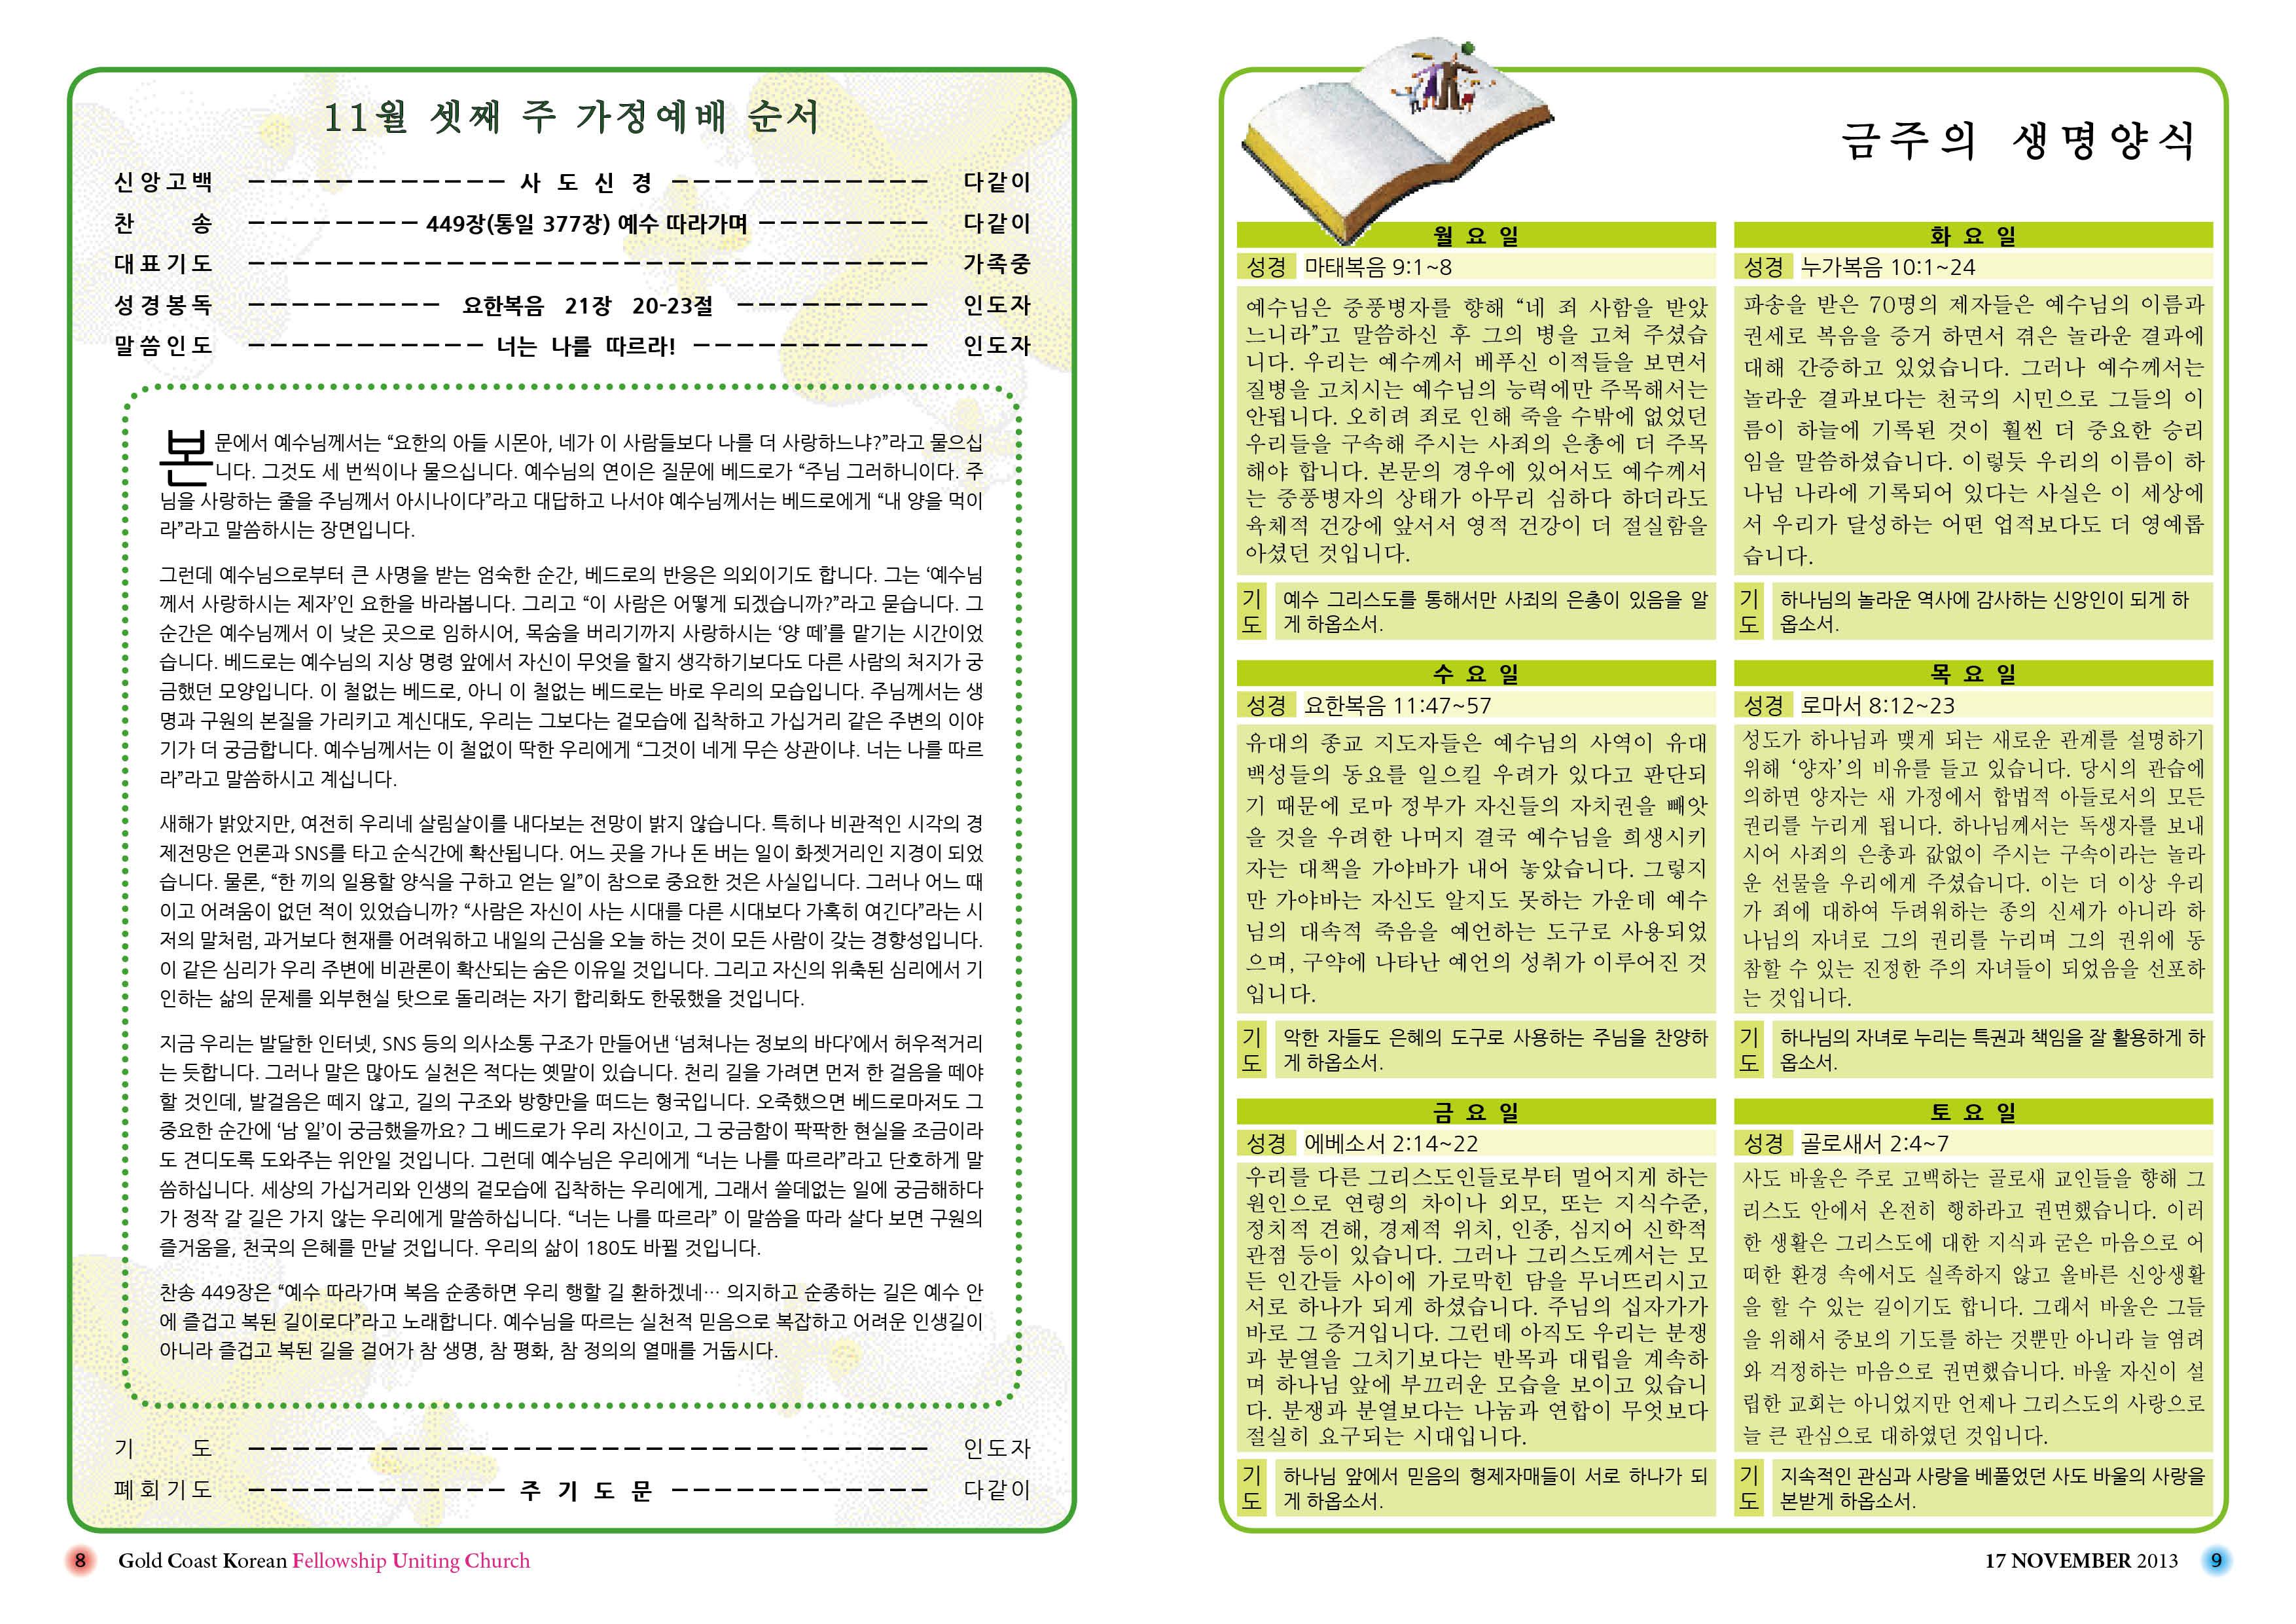 2013.11.10 주보(3차 수정)8.jpg